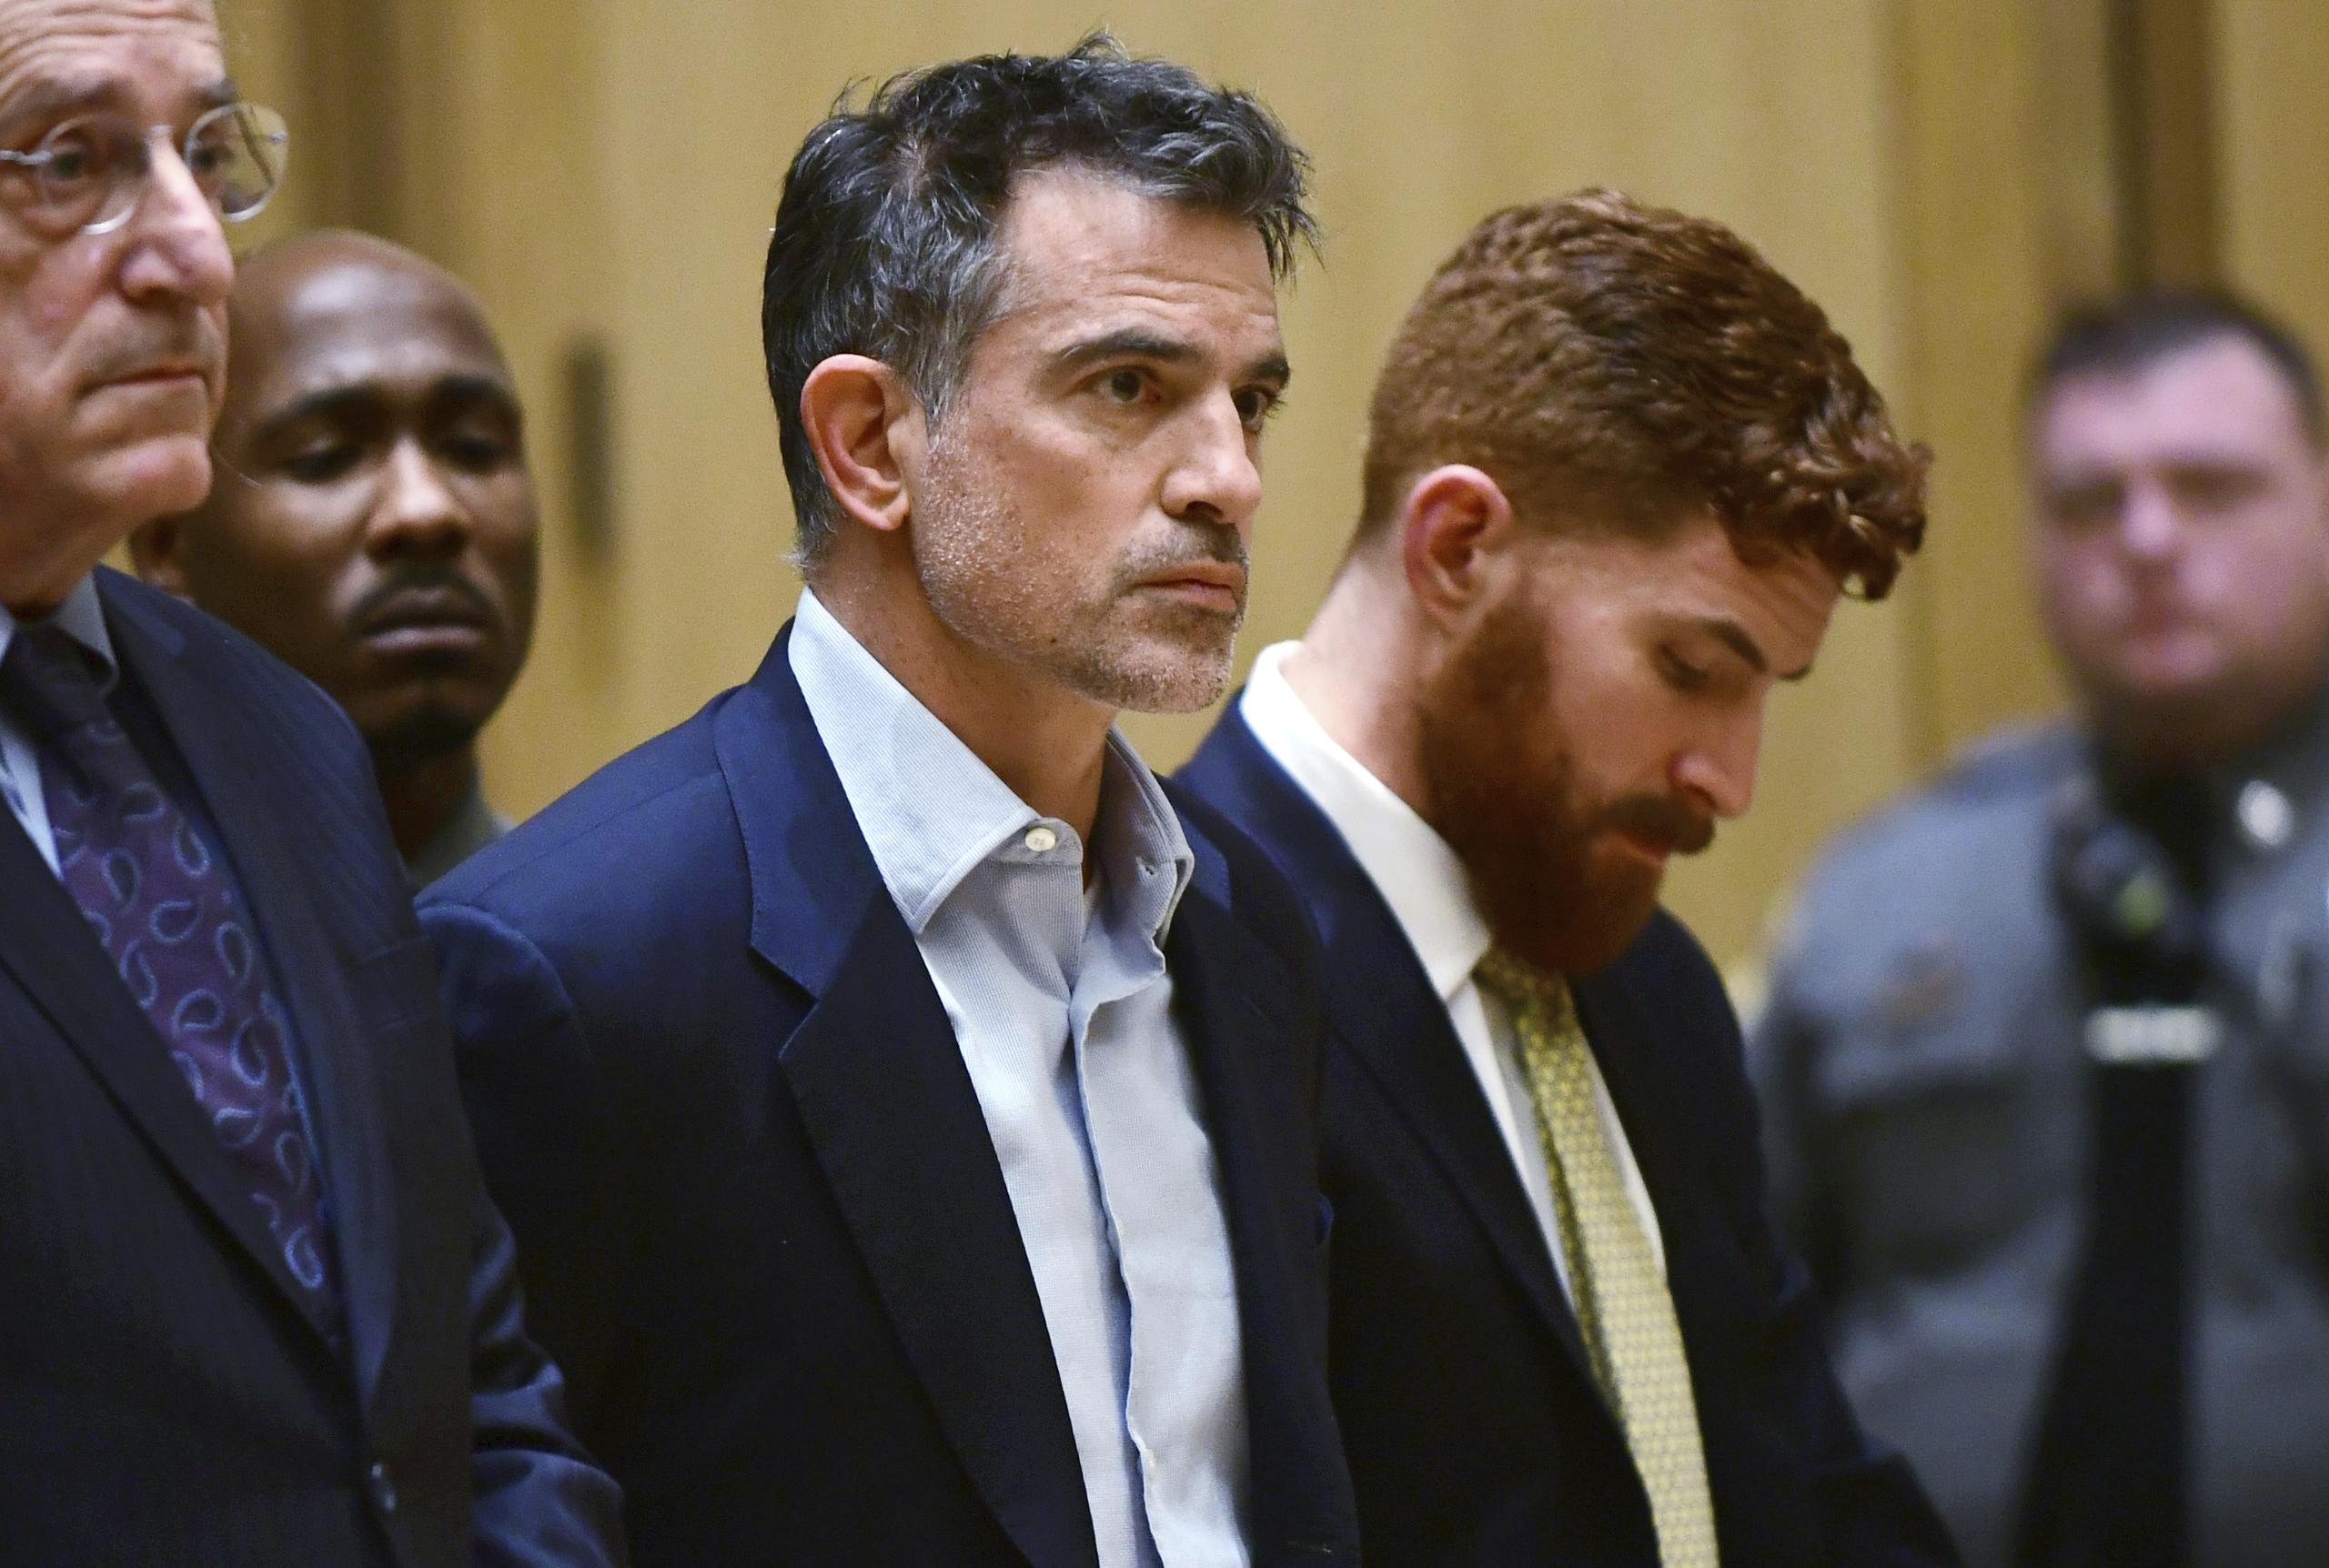 Estranged husband accused of killing Jennifer Dulos dies